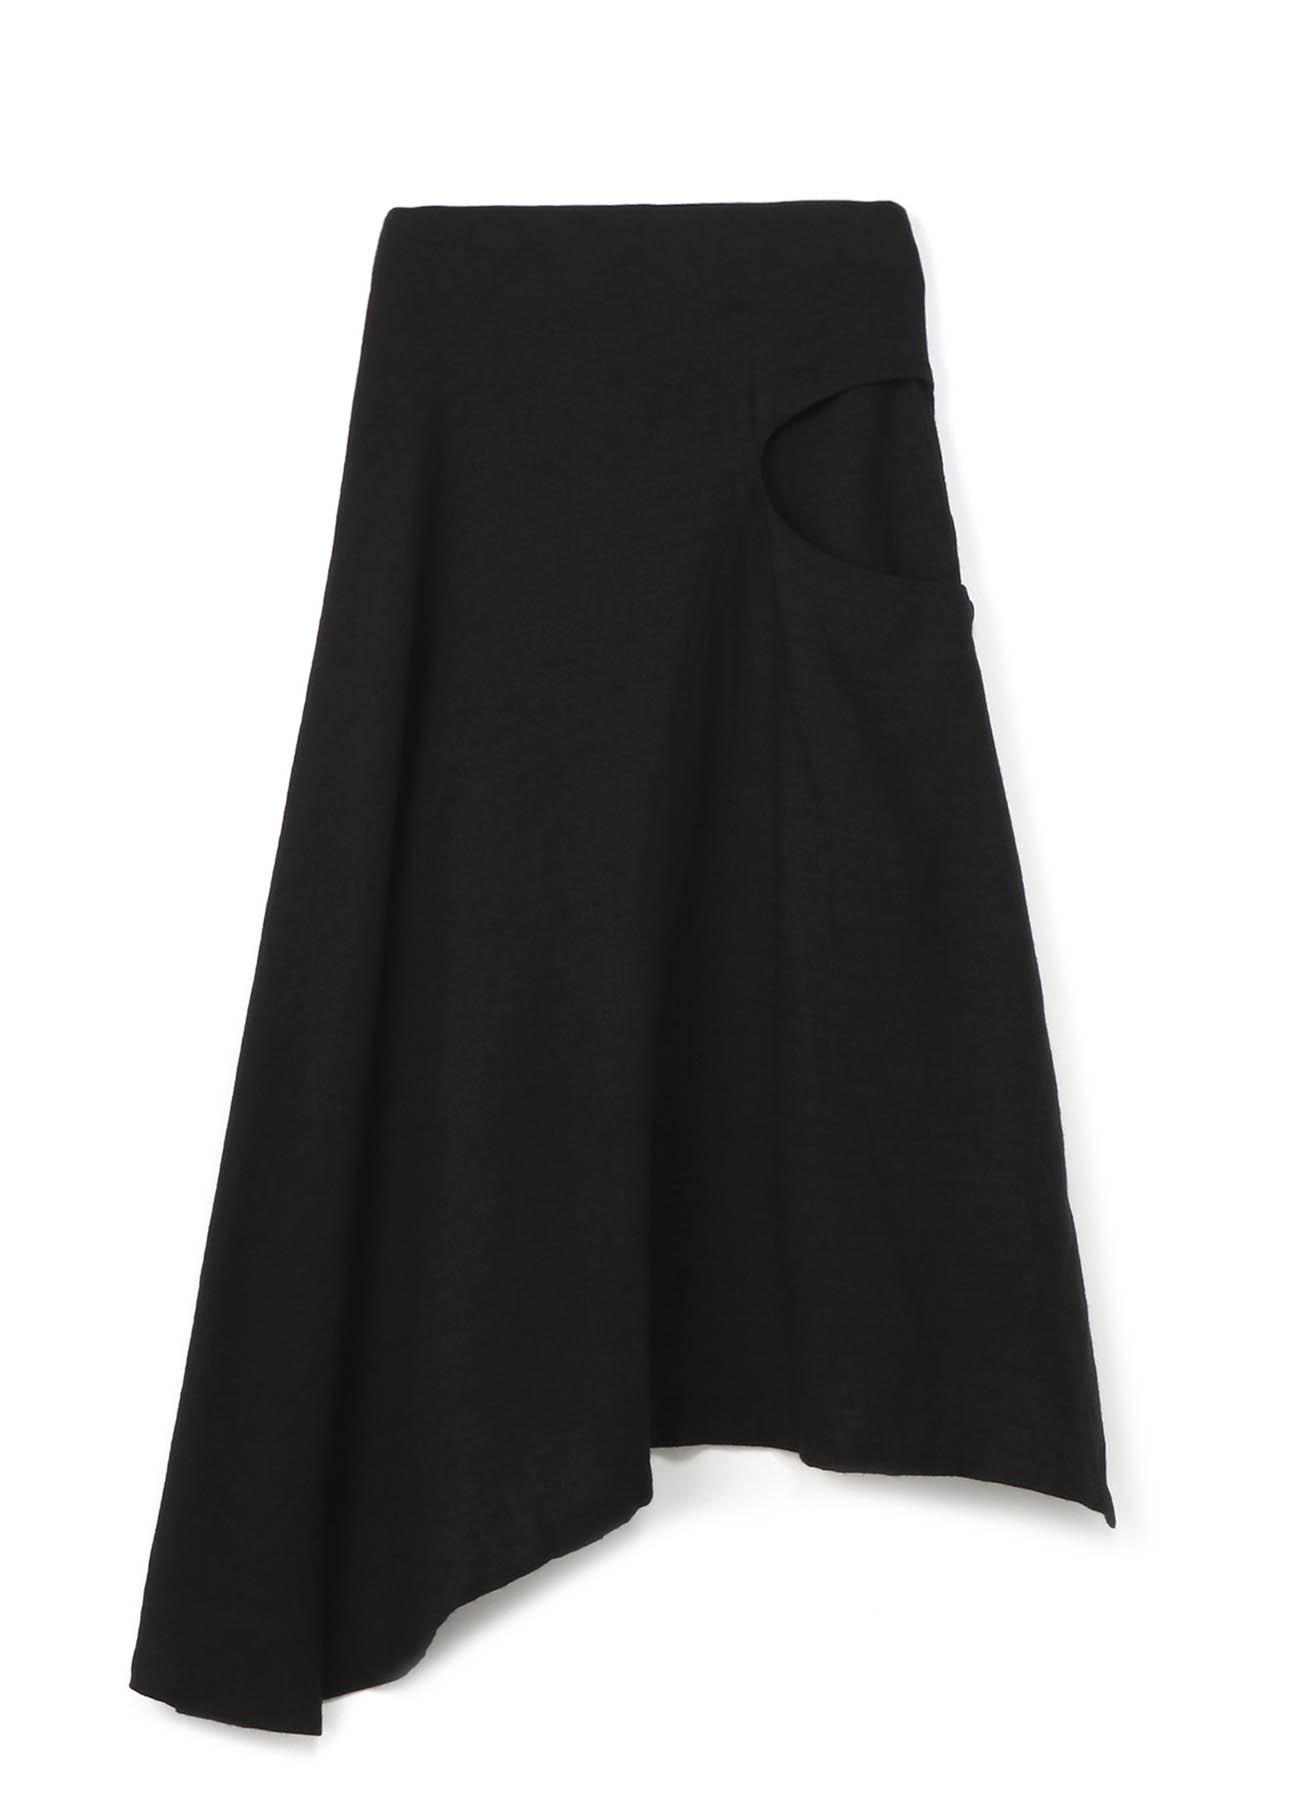 リネンウールヘリンボン 左くり抜きスカート